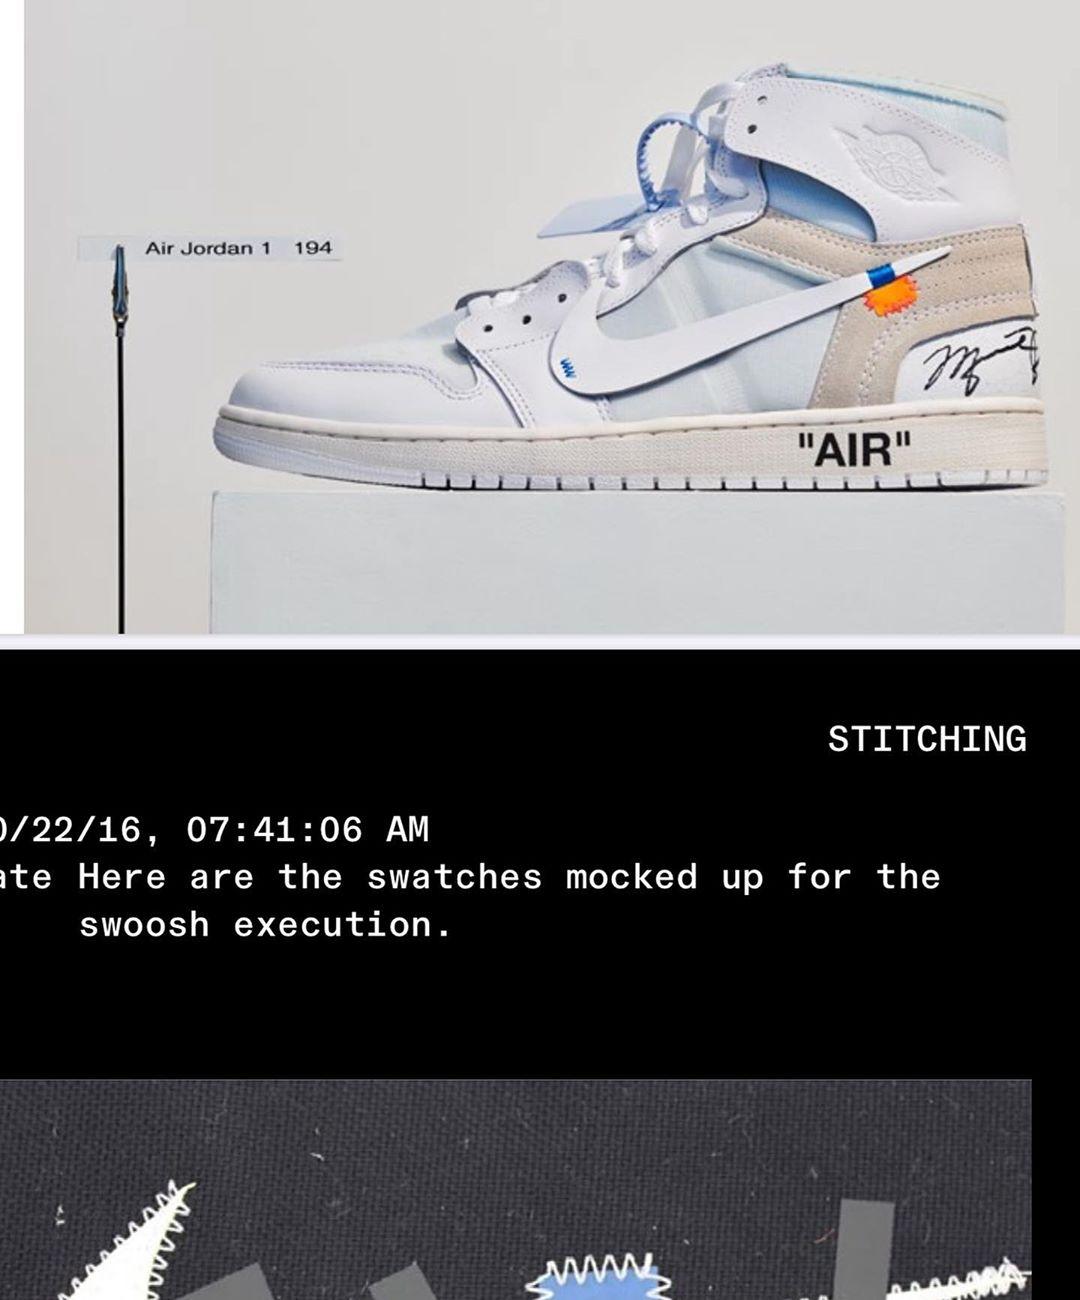 OFF-WHITE,AJ1,Air Jordan 1,  Virgil 晒 OW x AJ1 未市售样品!居然带有 MJ 亲签!